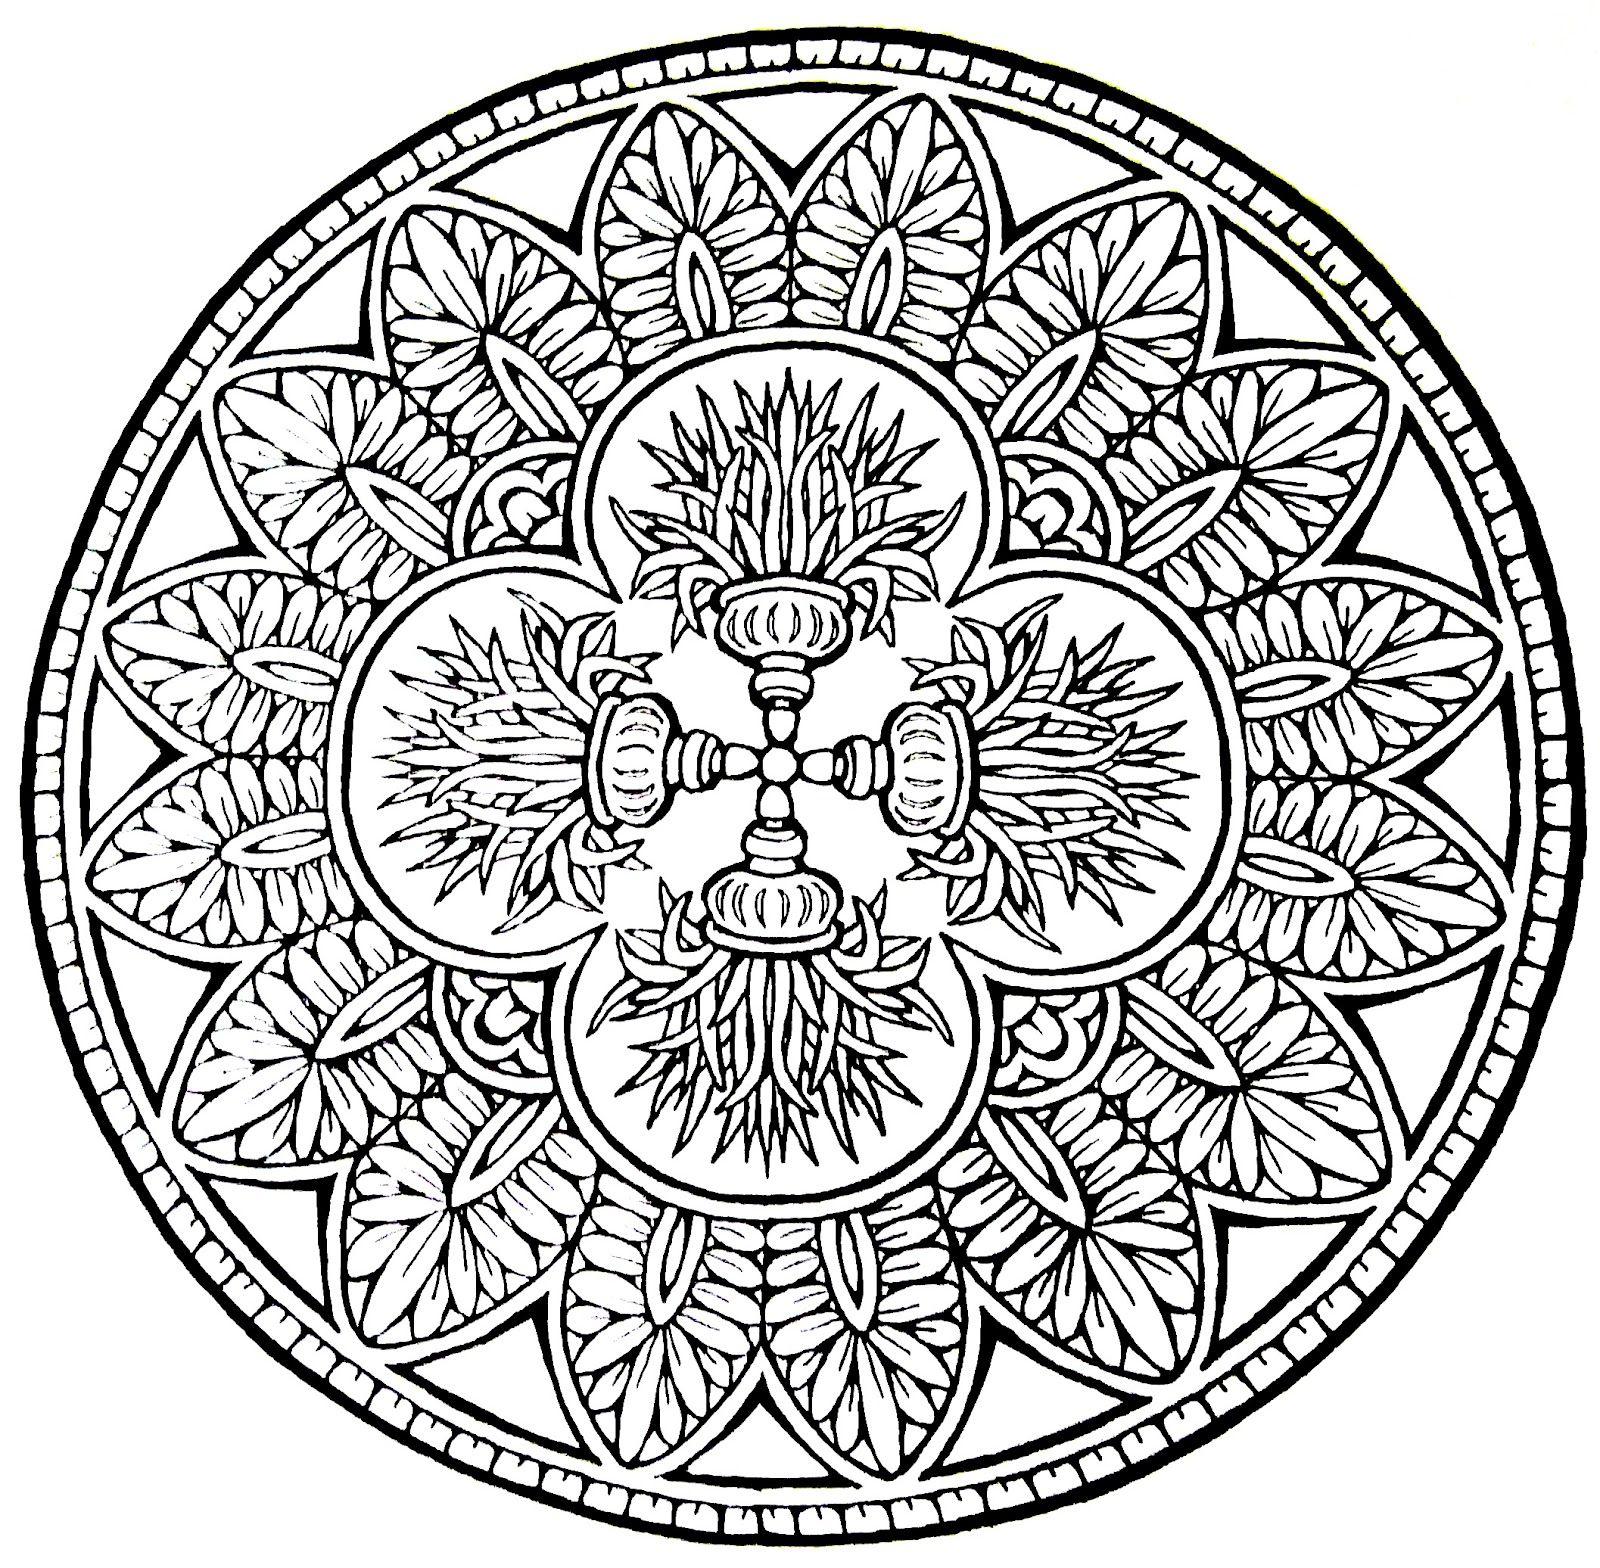 Beautiful Mandalas To Color Daily Dose Of Art Mandala Inspirations 2 A Grandma S New Foun Mandala Coloring Pages Mandala Coloring Books Mandala Coloring